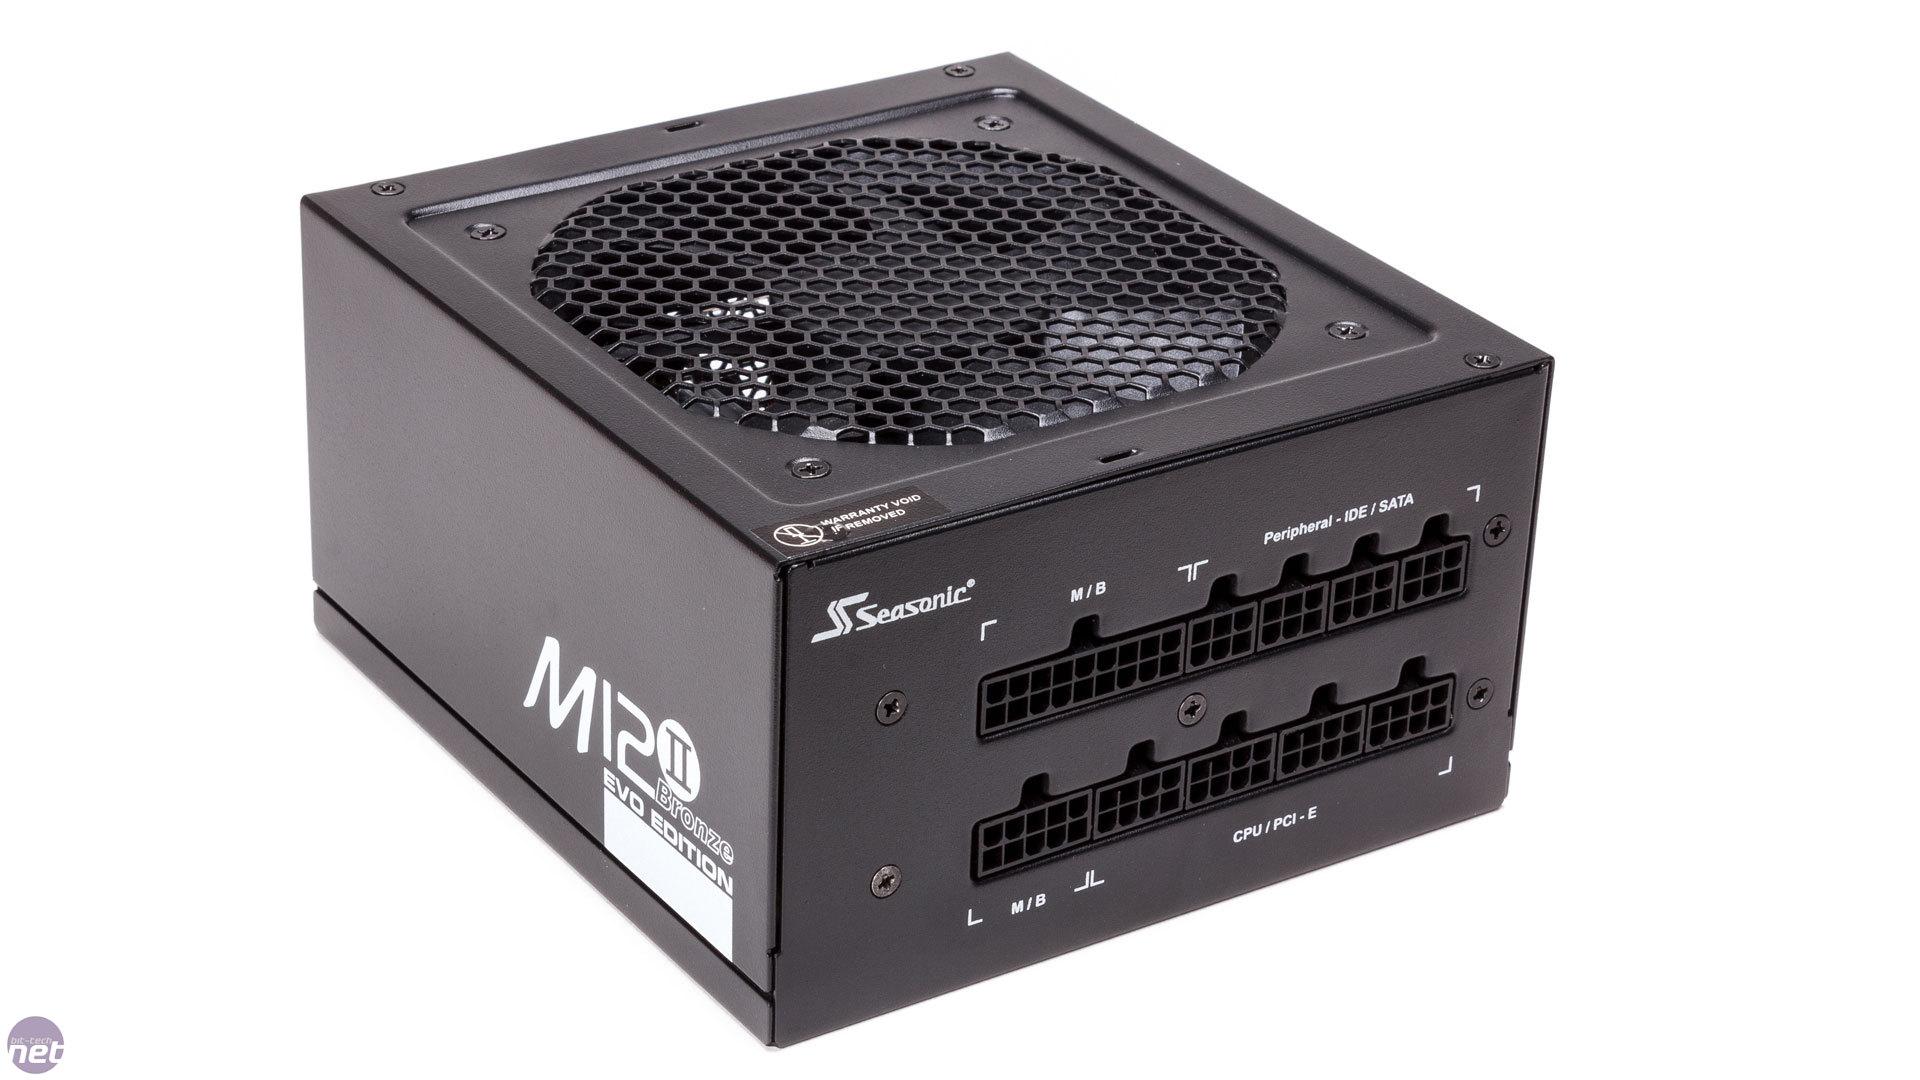 550w 650w Psu Roundup 2014 Bit Tech Net